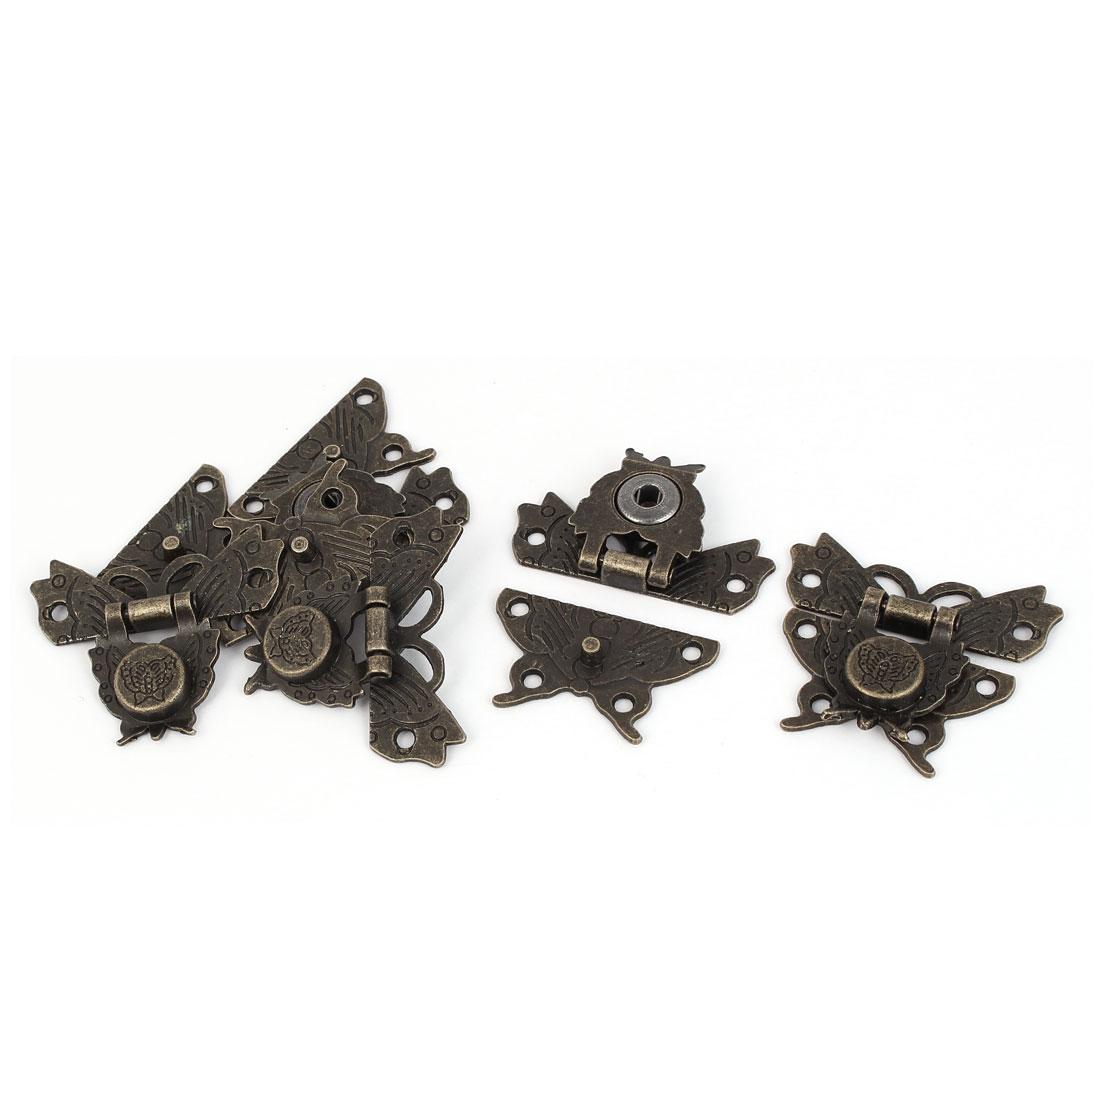 Jewelry Box Zinc Alloy Butterfly Shape Toggle Latch Catch Hasp Bronze Tone 5pcs